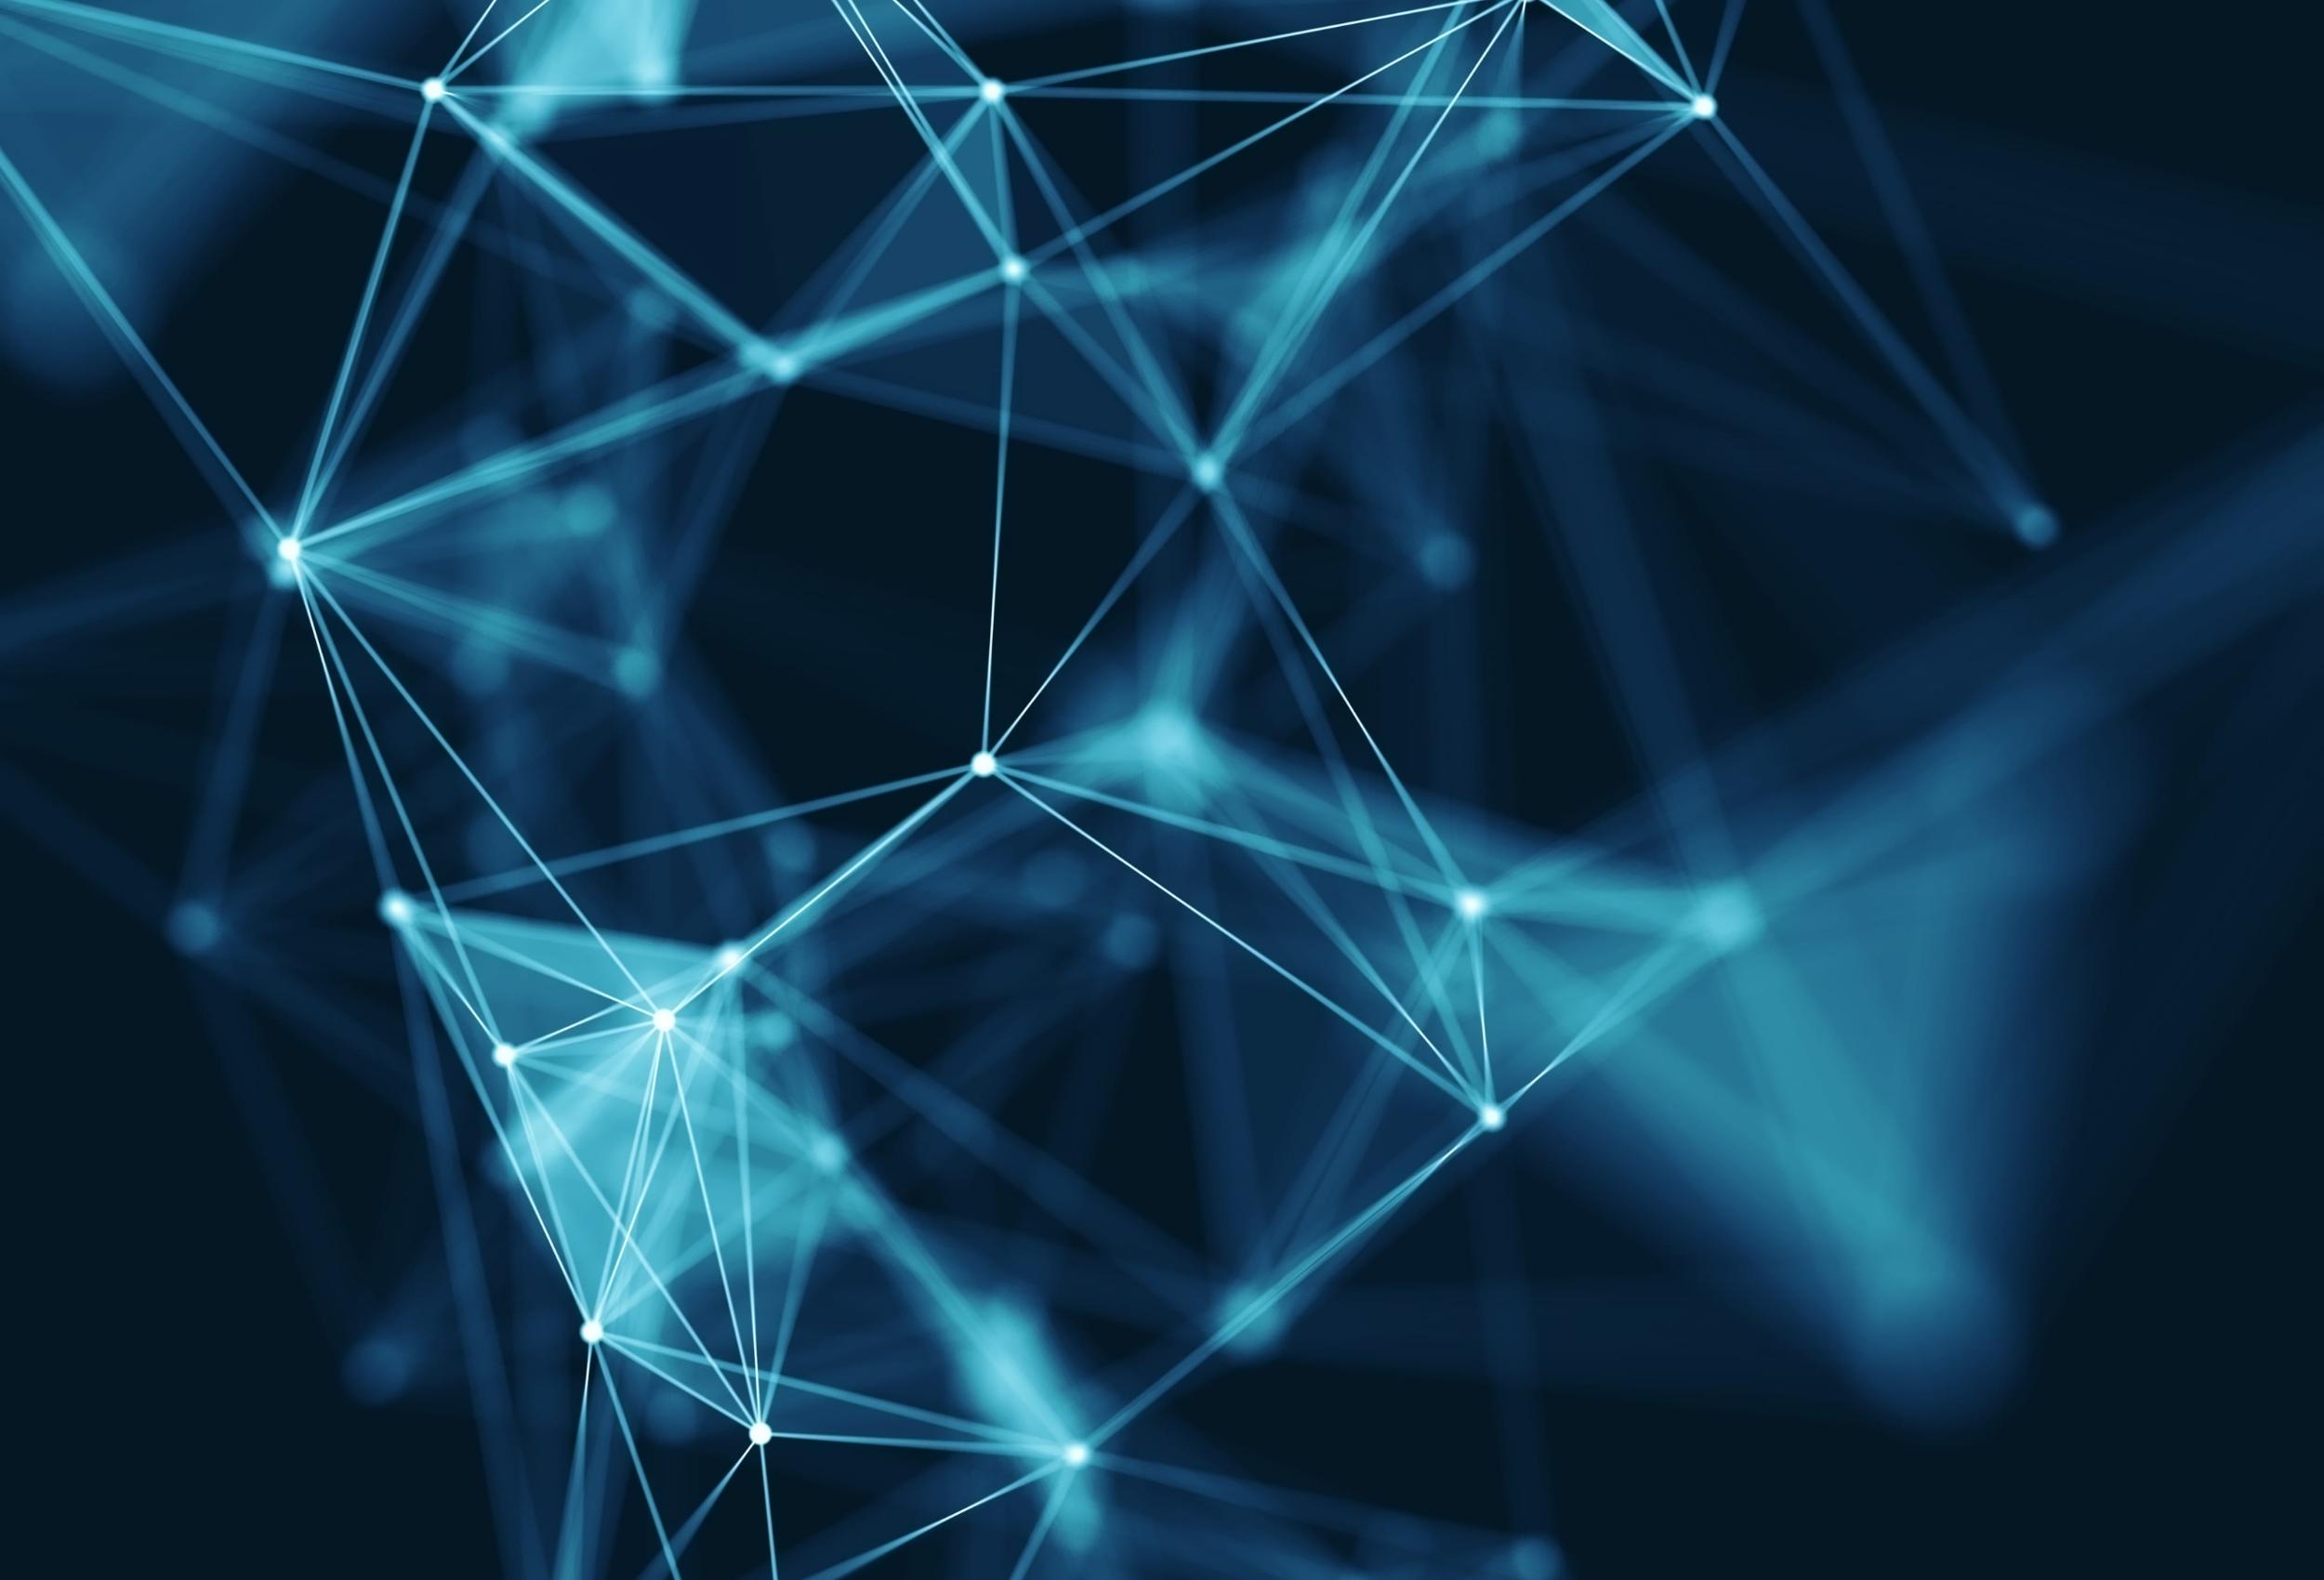 Consultoría digitalización, industria 4.0 IoT para implantar GMAO/MES-MOM